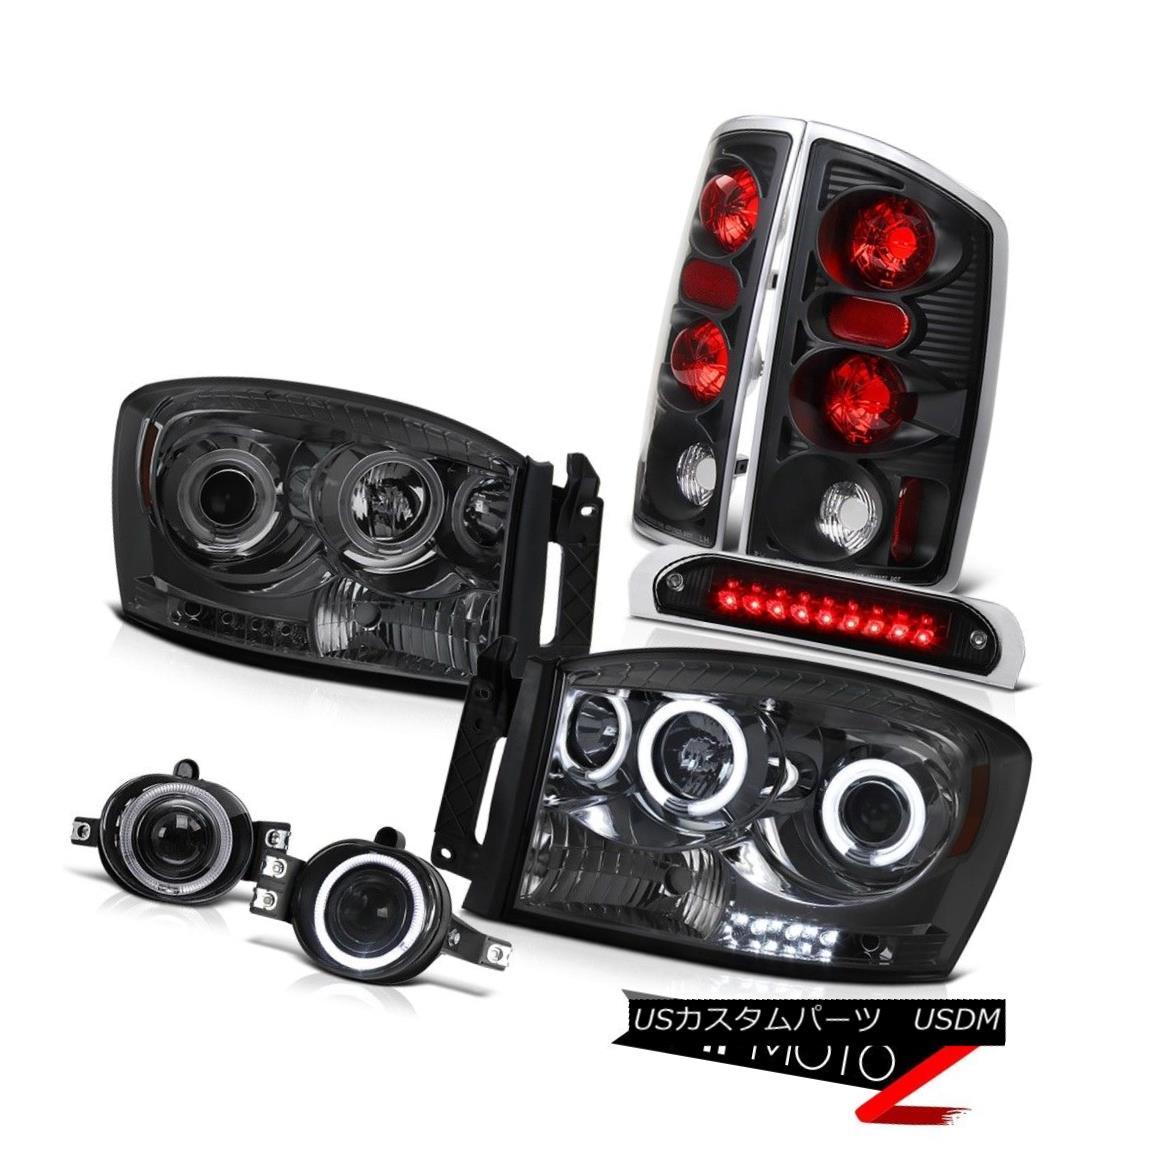 テールライト 2006 Dodge Ram CCFL Headlights Rear Black Taillamps Driving Fog High Brake LED 2006ダッジ・ラムCCFLヘッドライトリア・ブラック・タイヤランプドライビング・フォグ・ハイブレーキLED